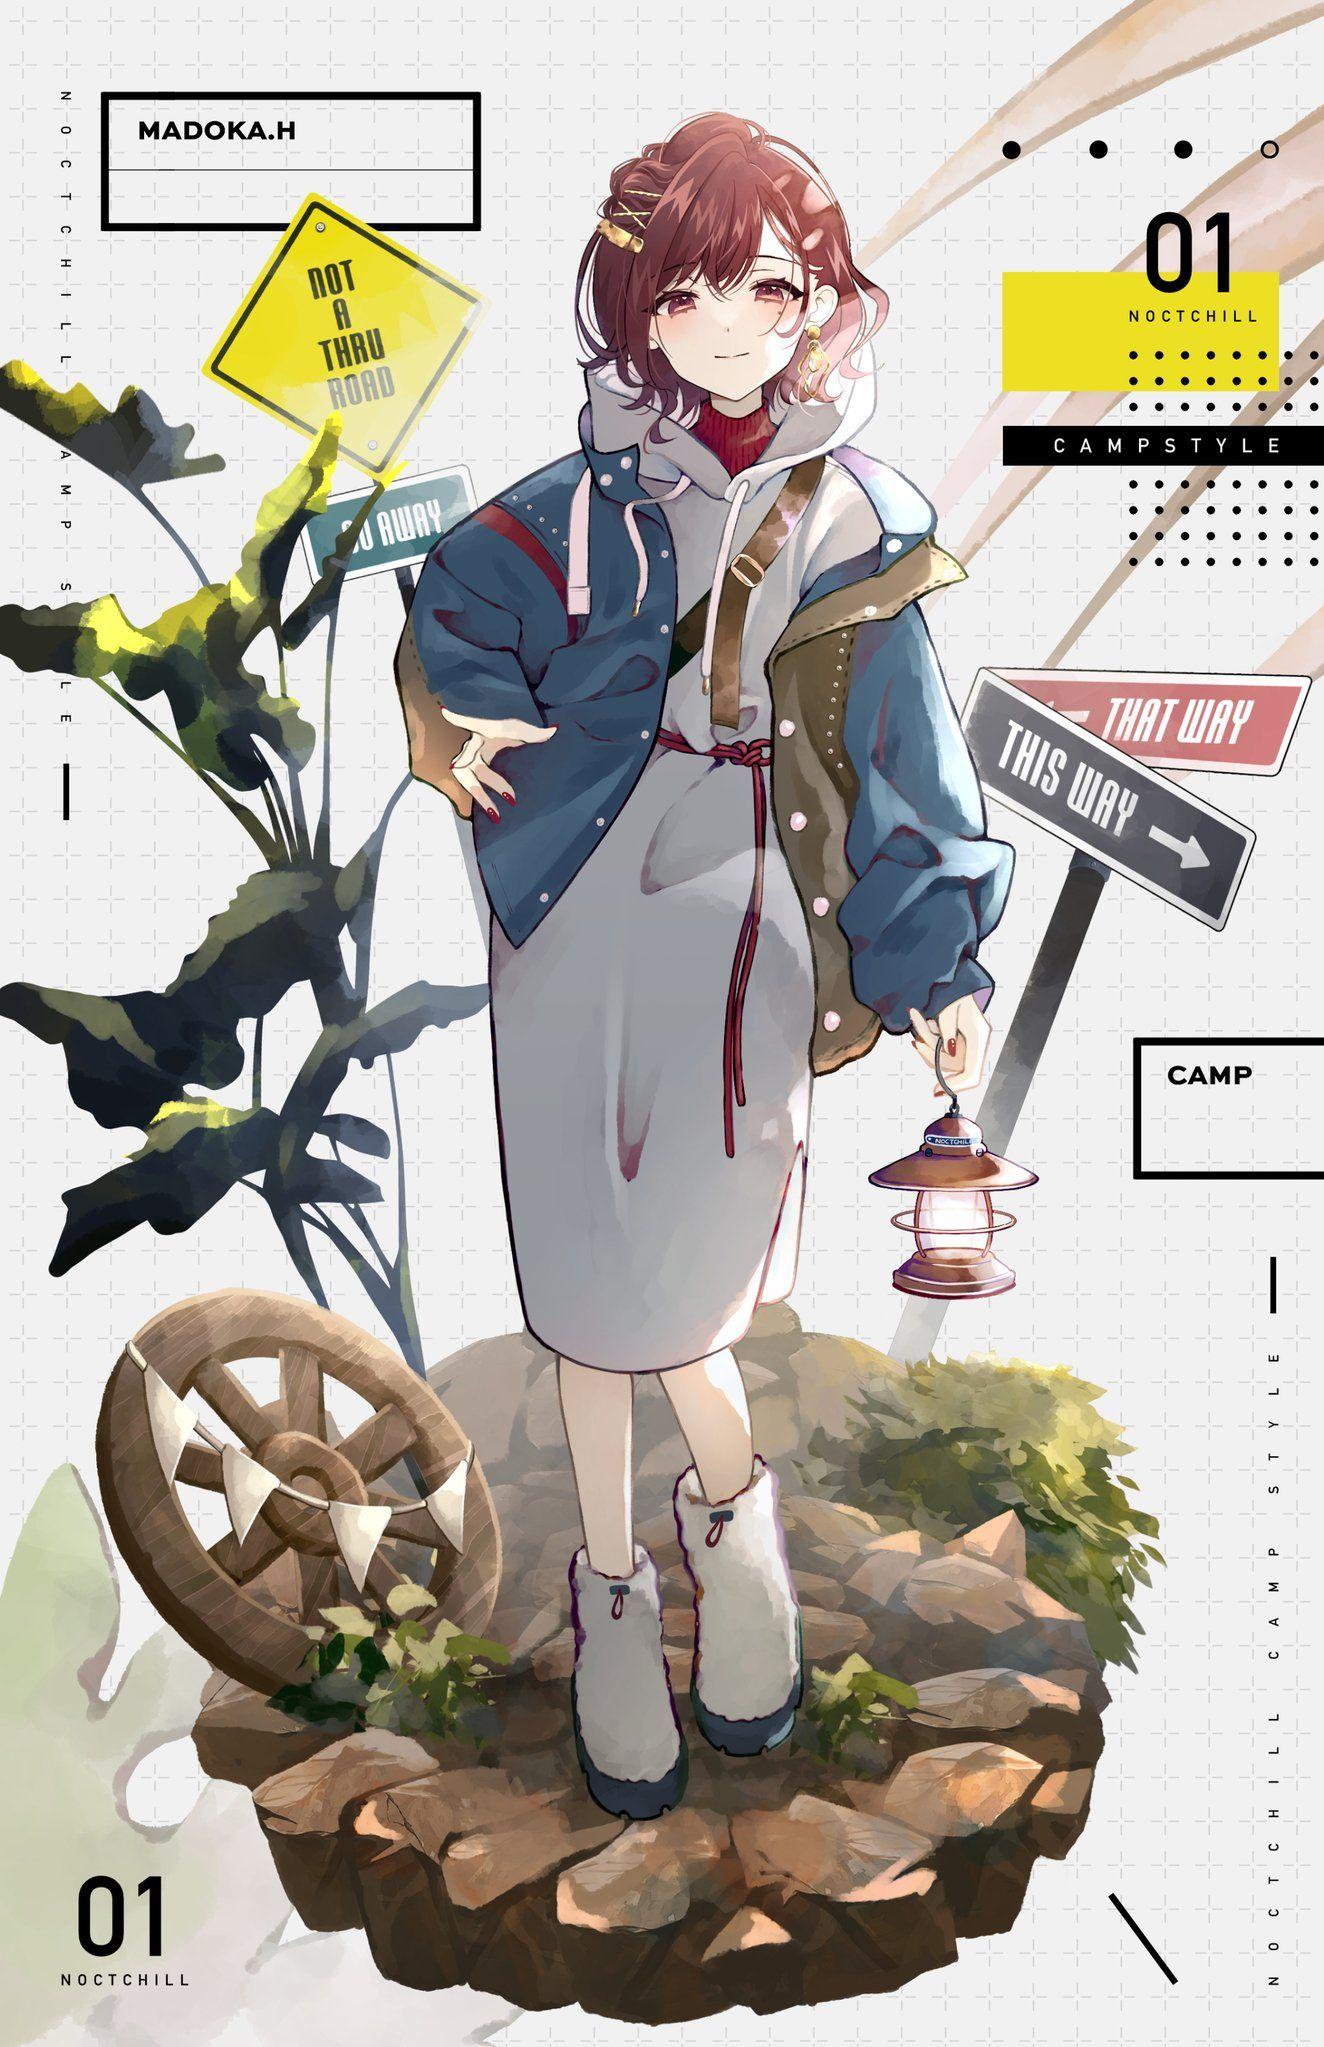 うめうめ on twitter character design anime illustration